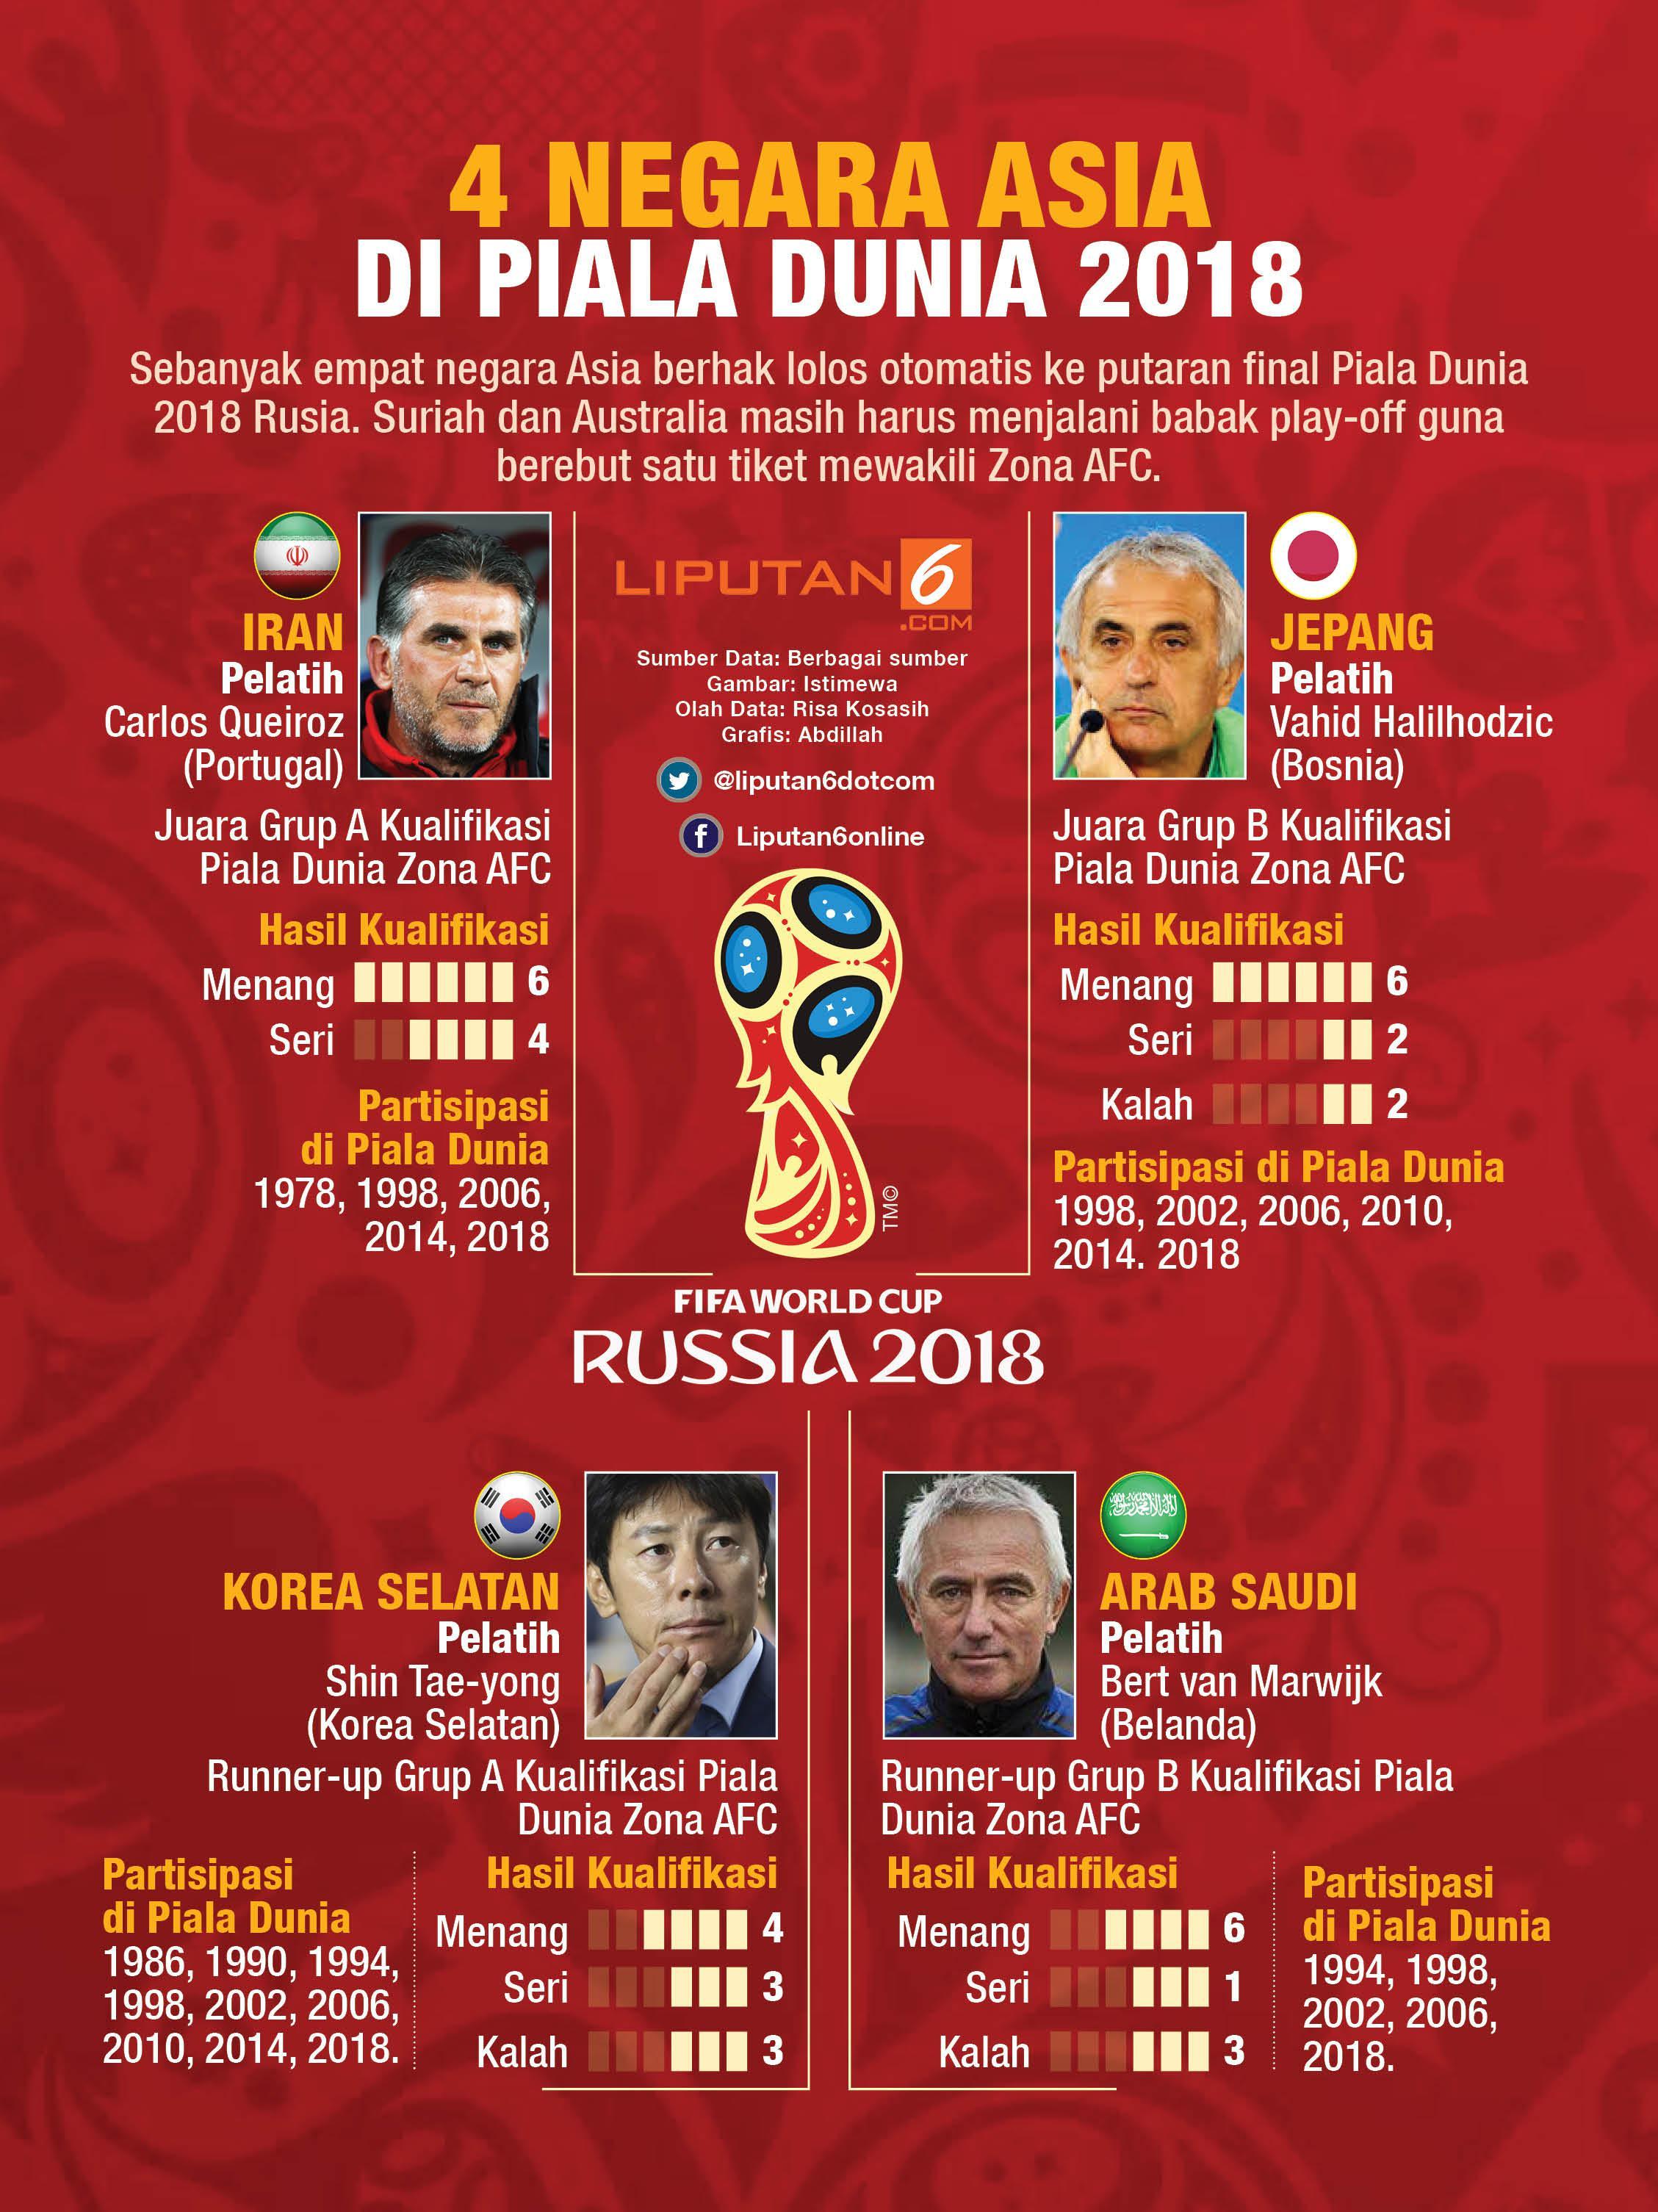 AFC Bangga Korsel Arab Saudi Lolos Piala Dunia 2018 Bola